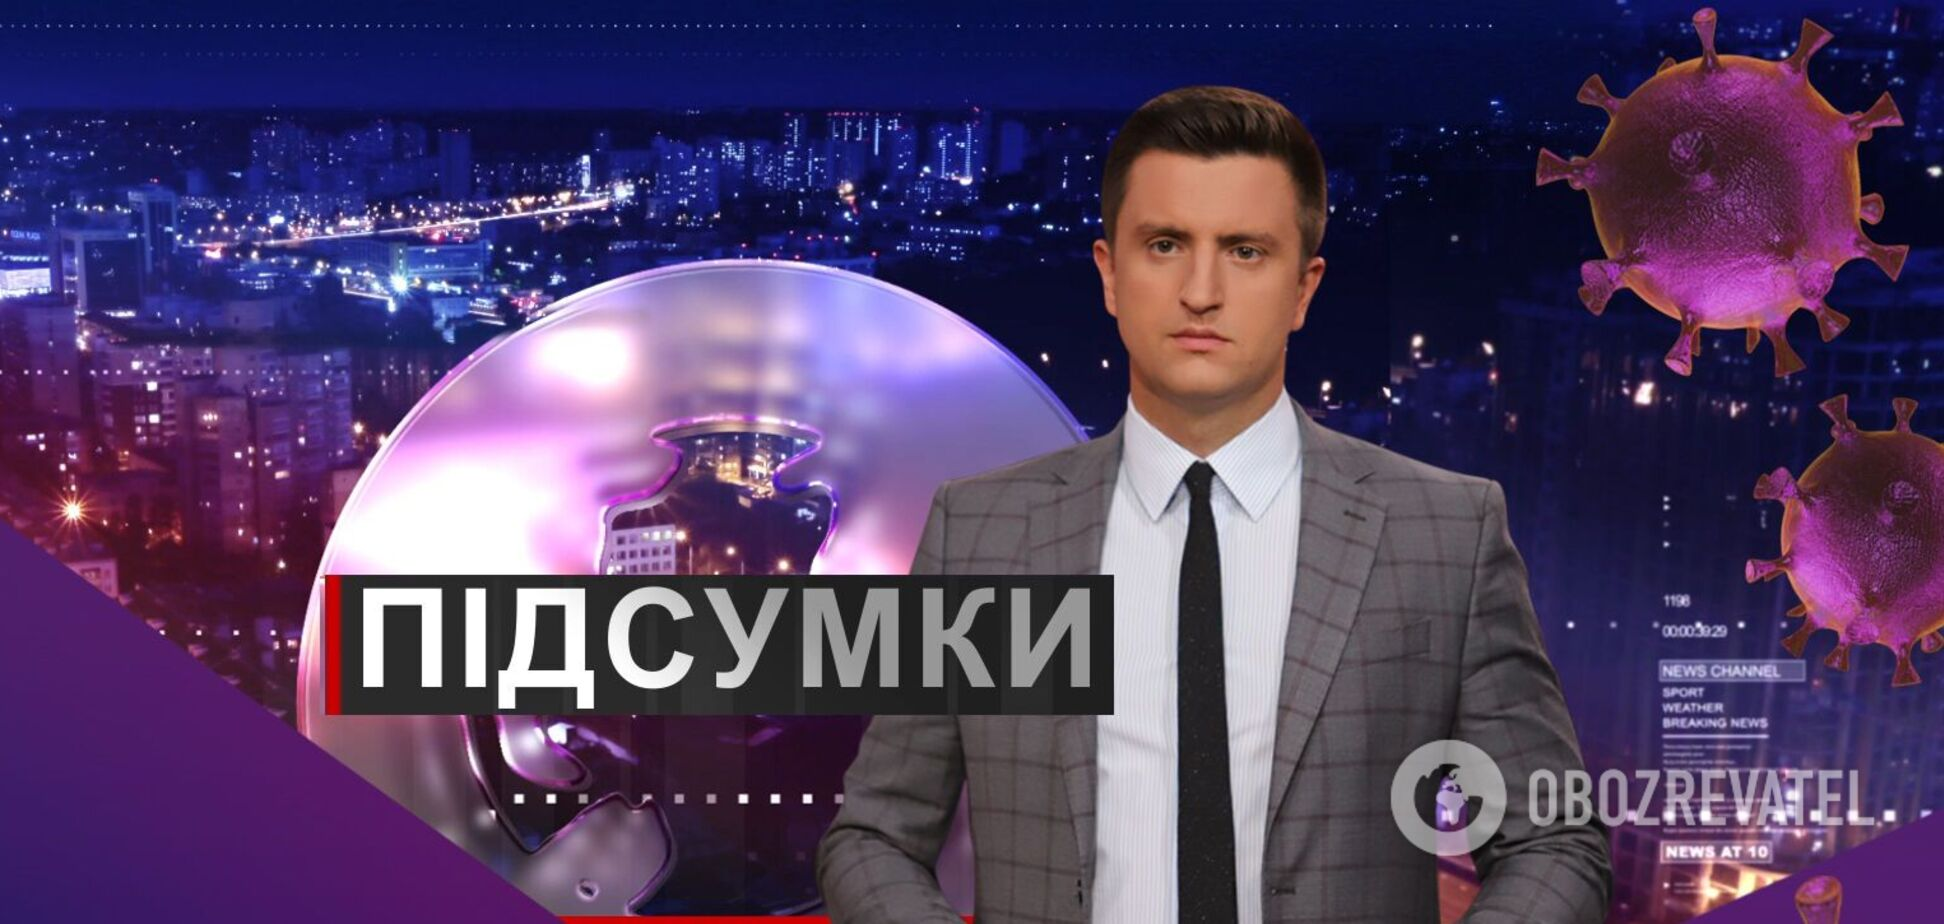 Підсумки дня з Вадимом Колодійчуком. Понеділок, 9 листопада